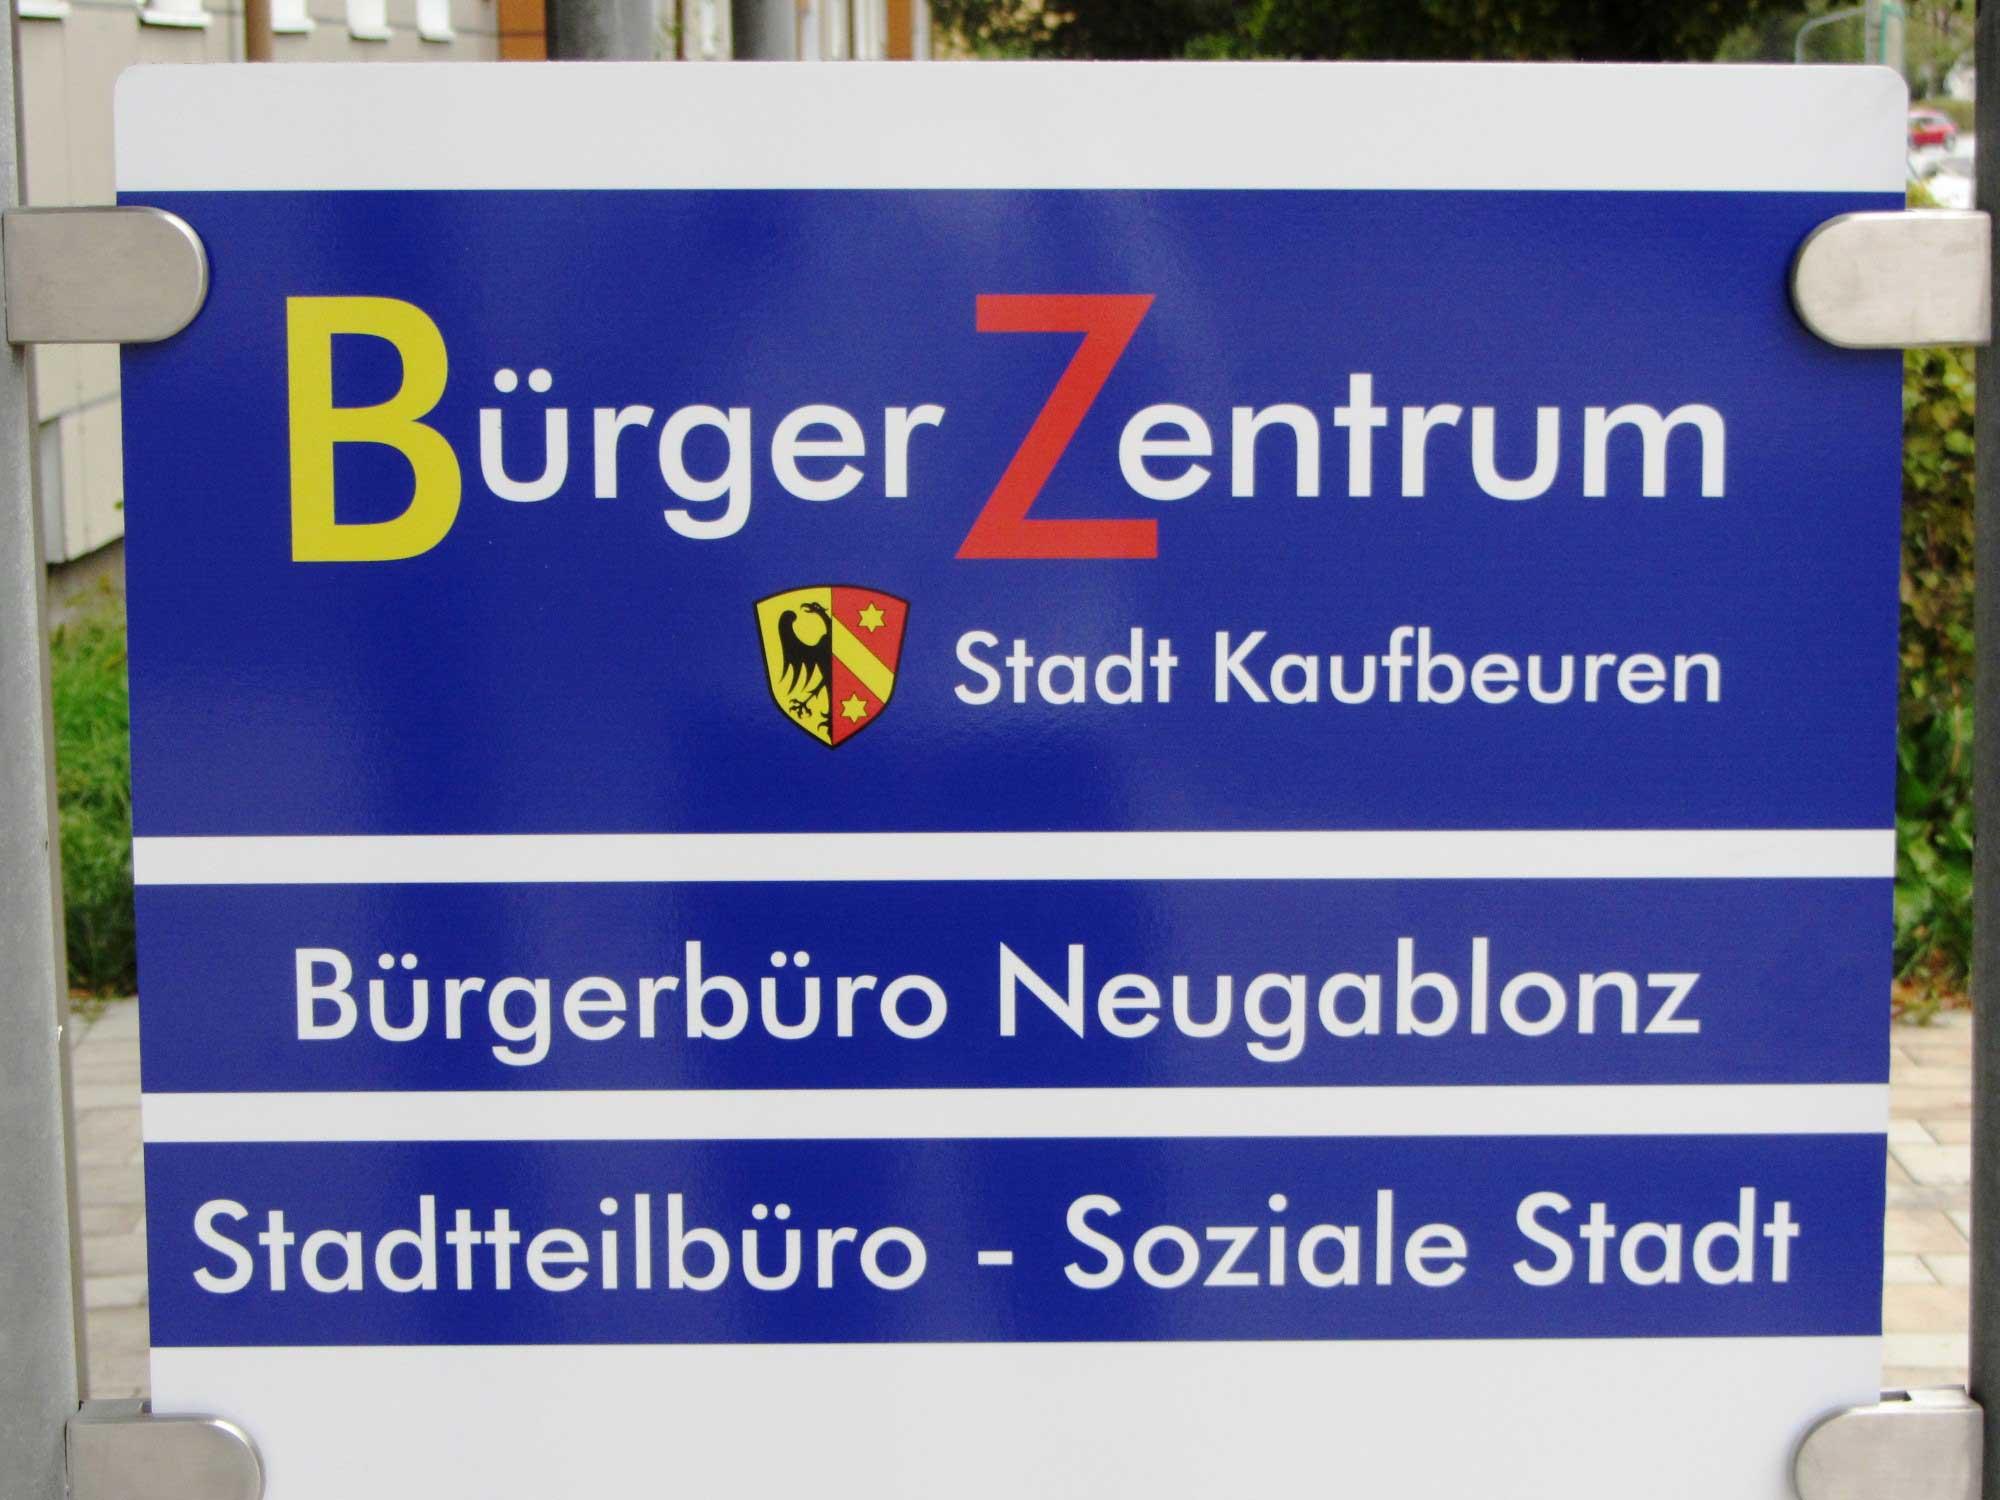 Bürger Zentrum, Bürgerbüro Neugablonz